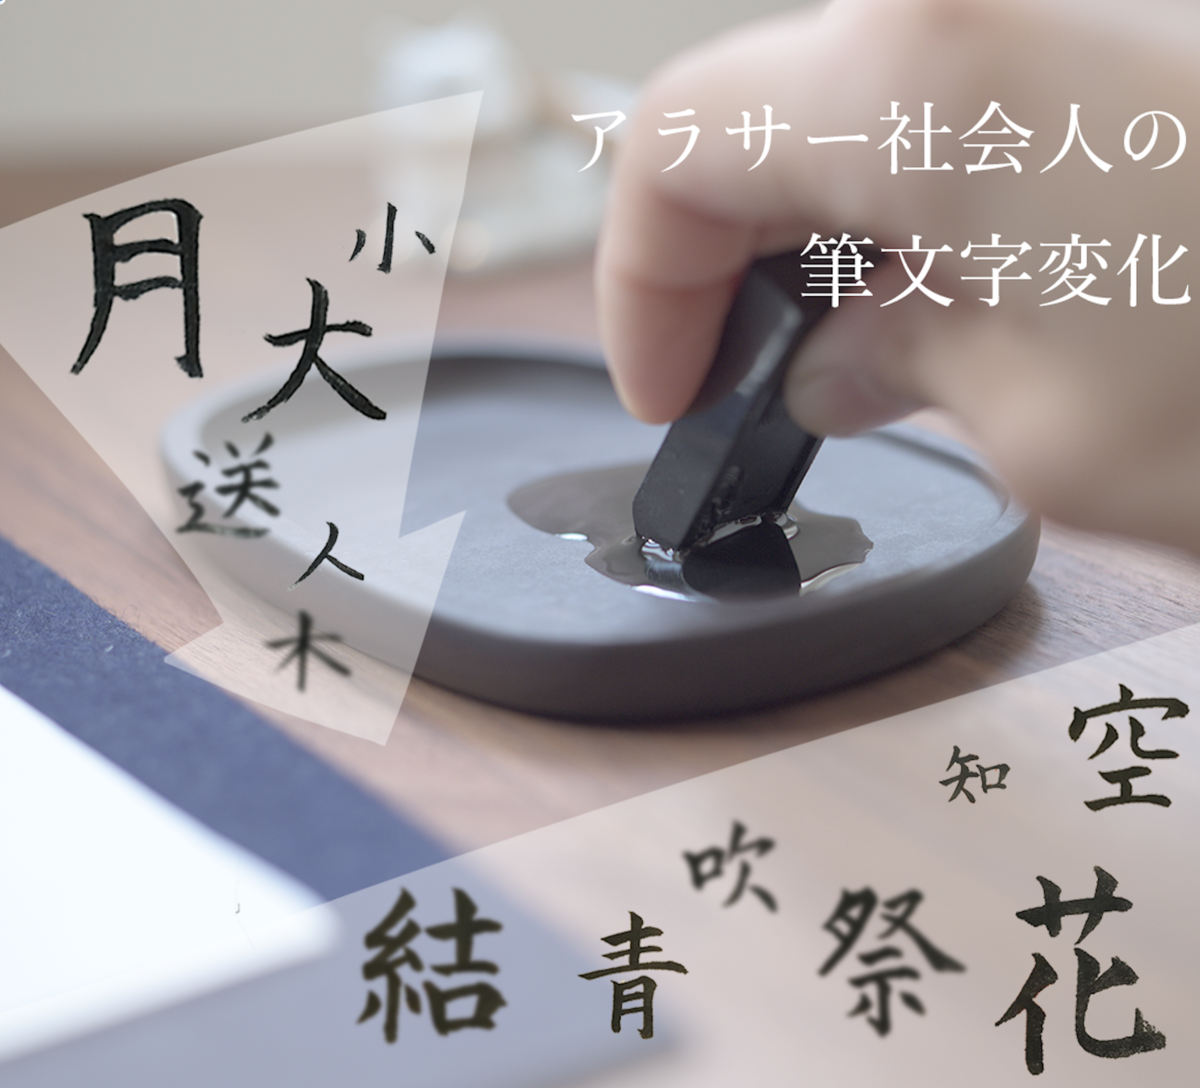 f:id:kinuyahiro:20200601203816p:plain